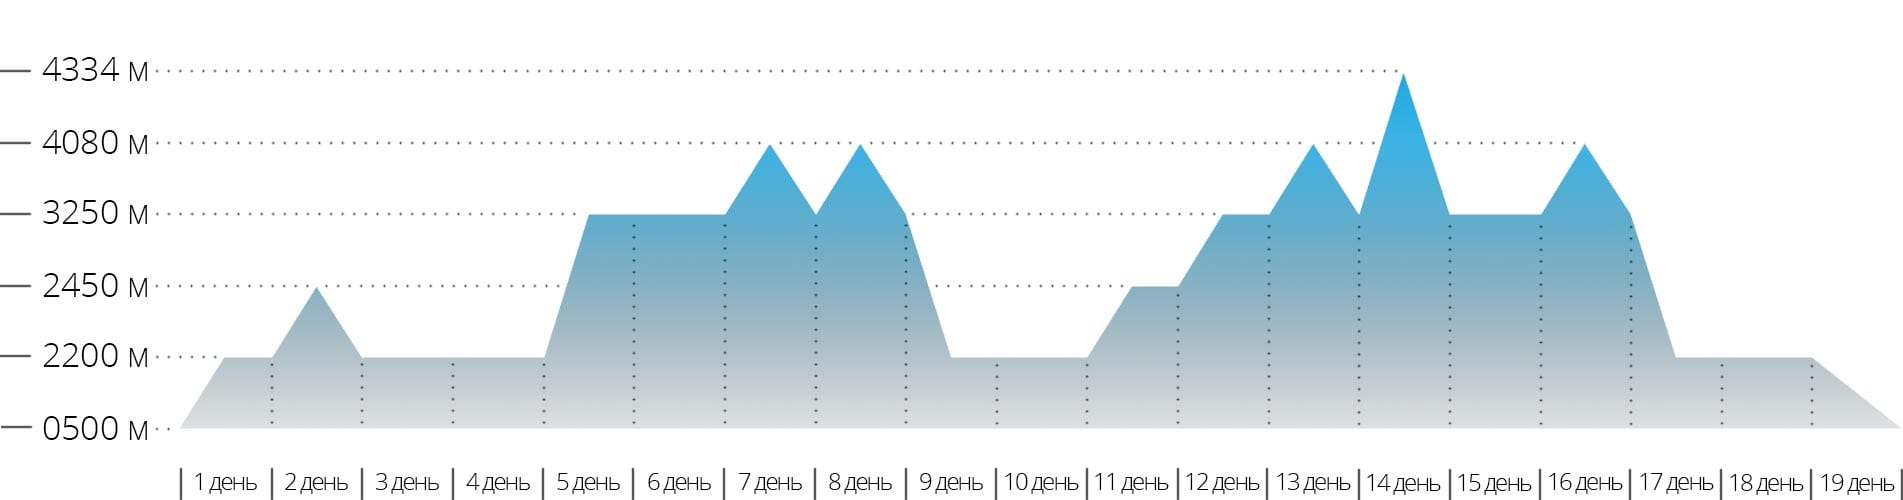 Акклиматизационный график для УТС в Безенги